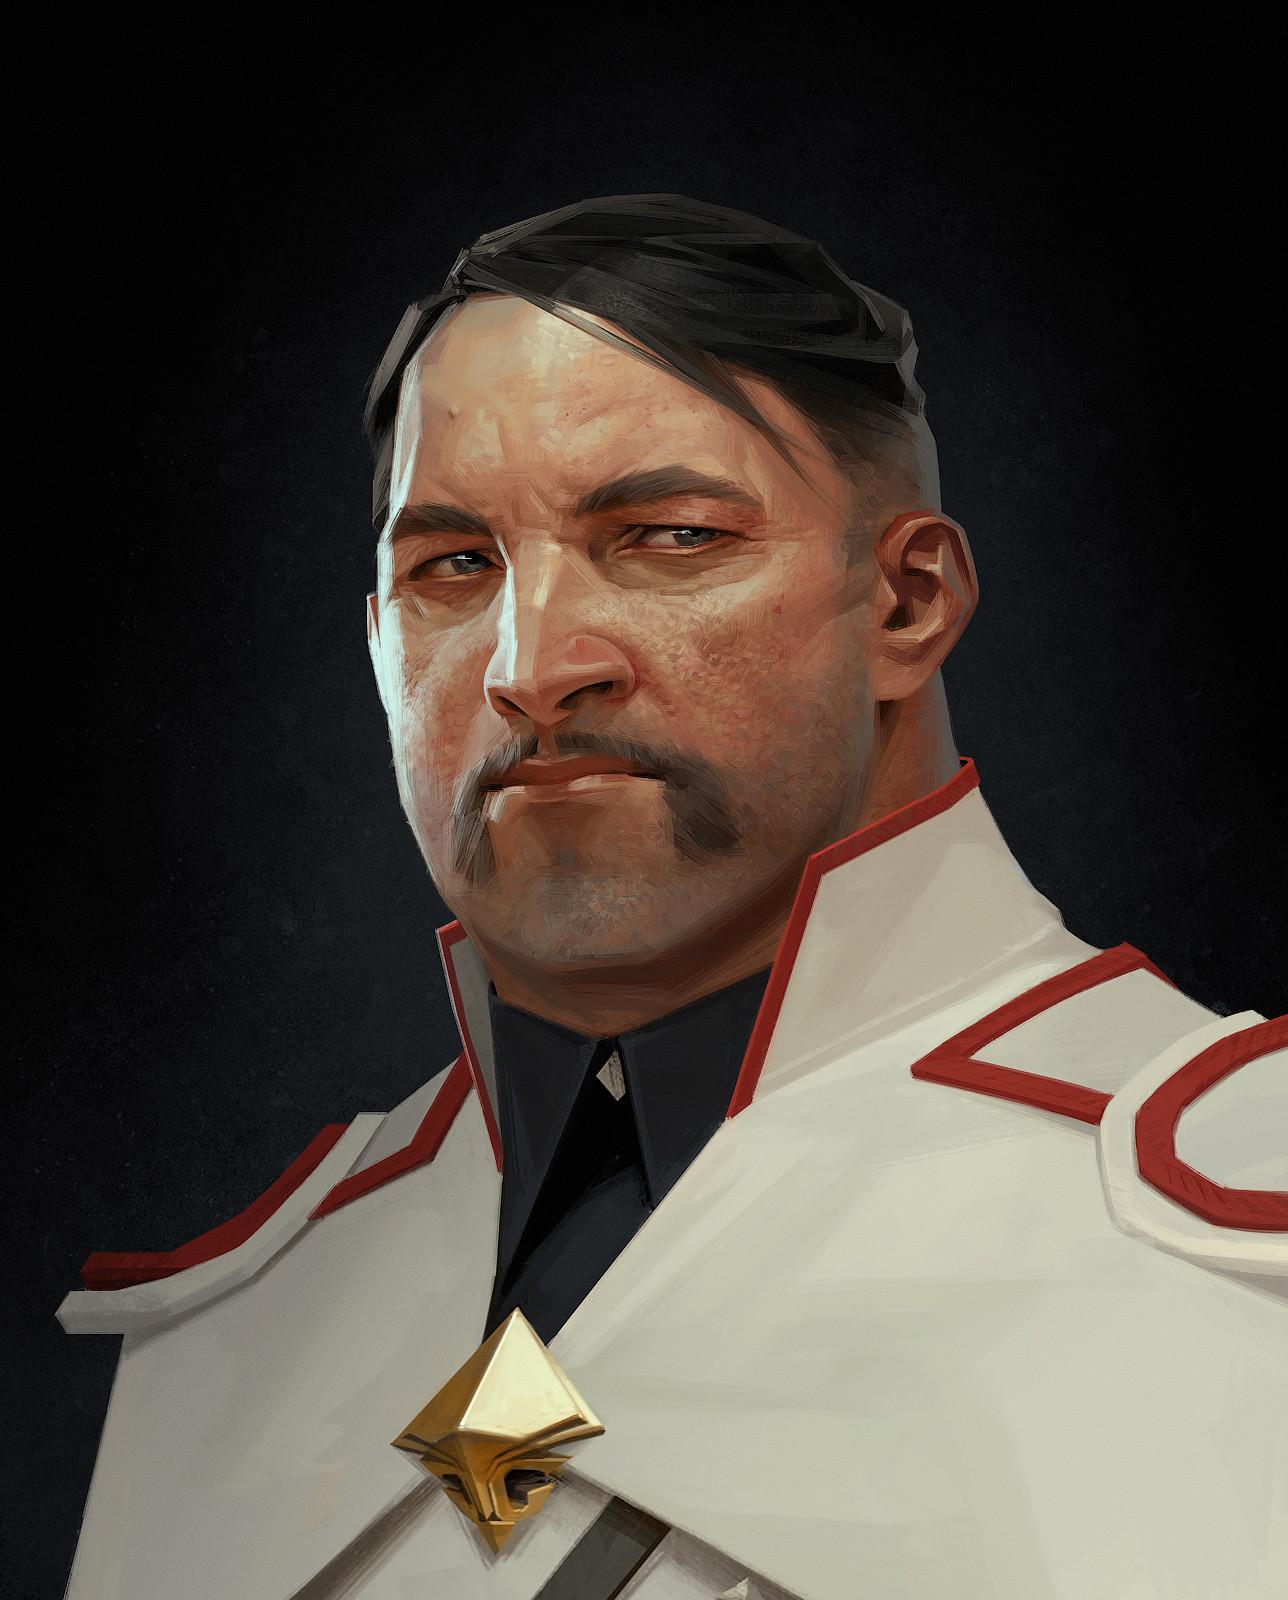 Sergey kolesov duke portrait hd